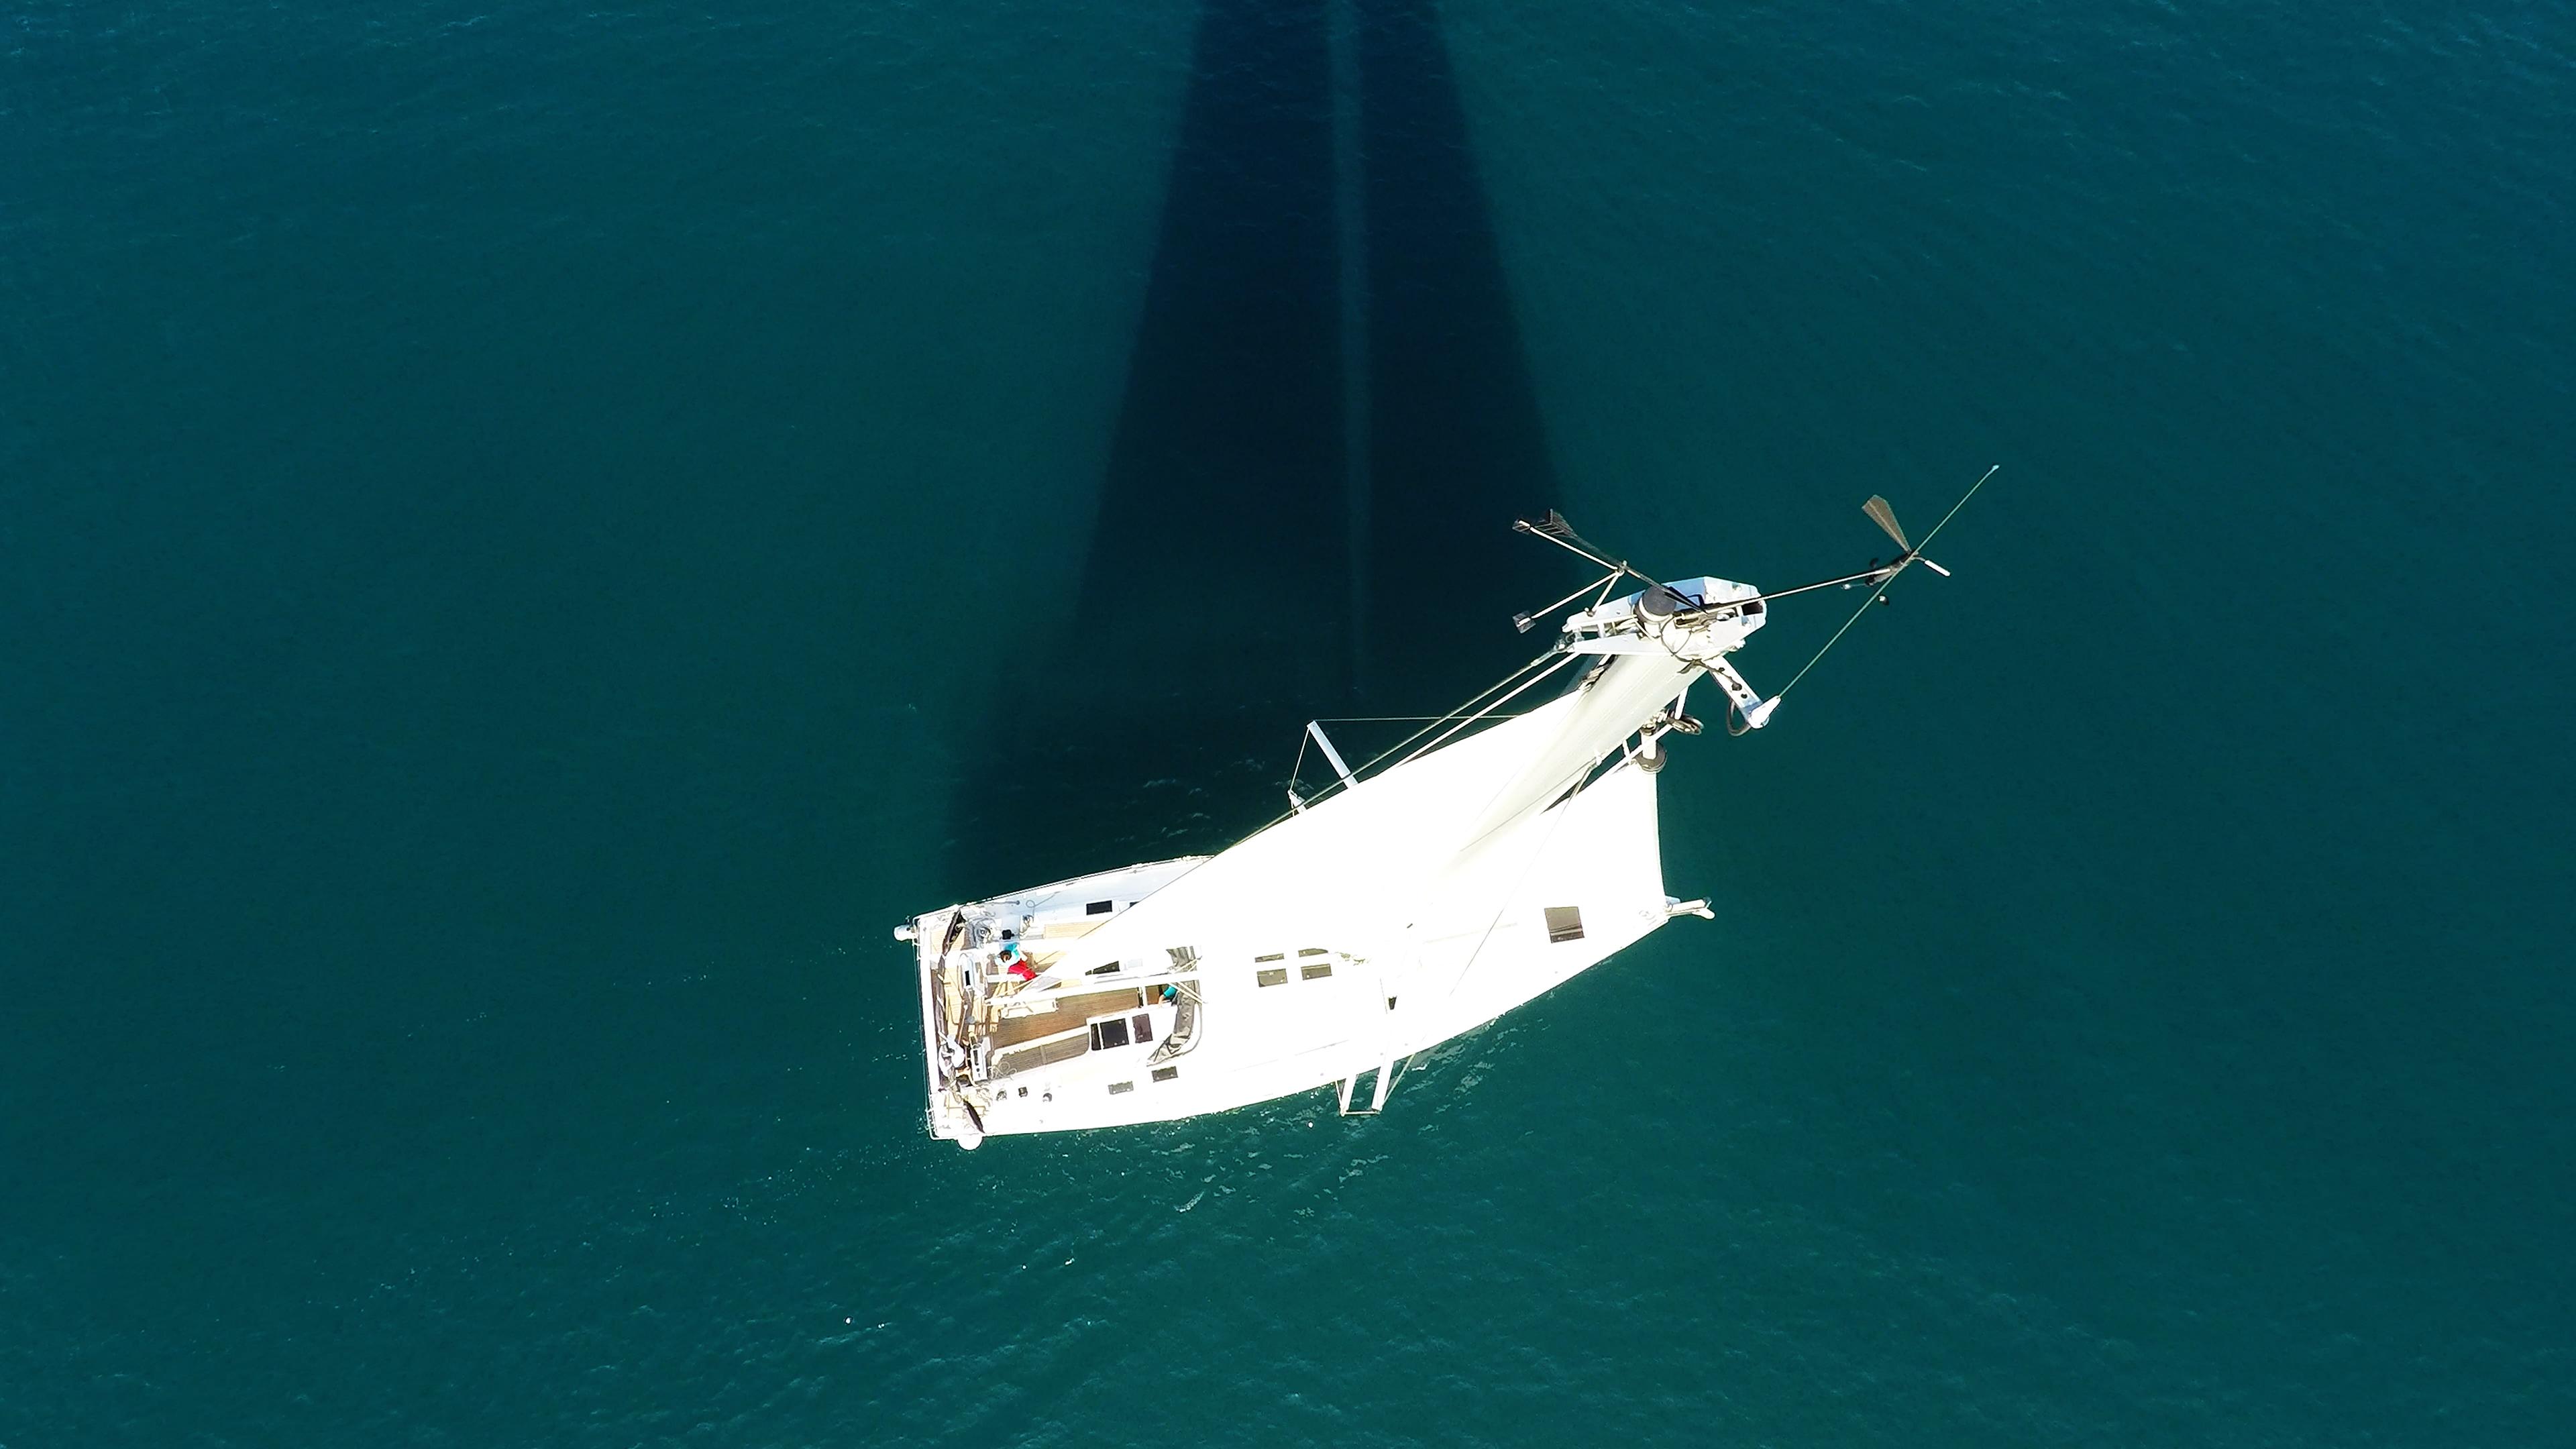 sailing yacht top mast sails main sail rigging sailboat deck sea